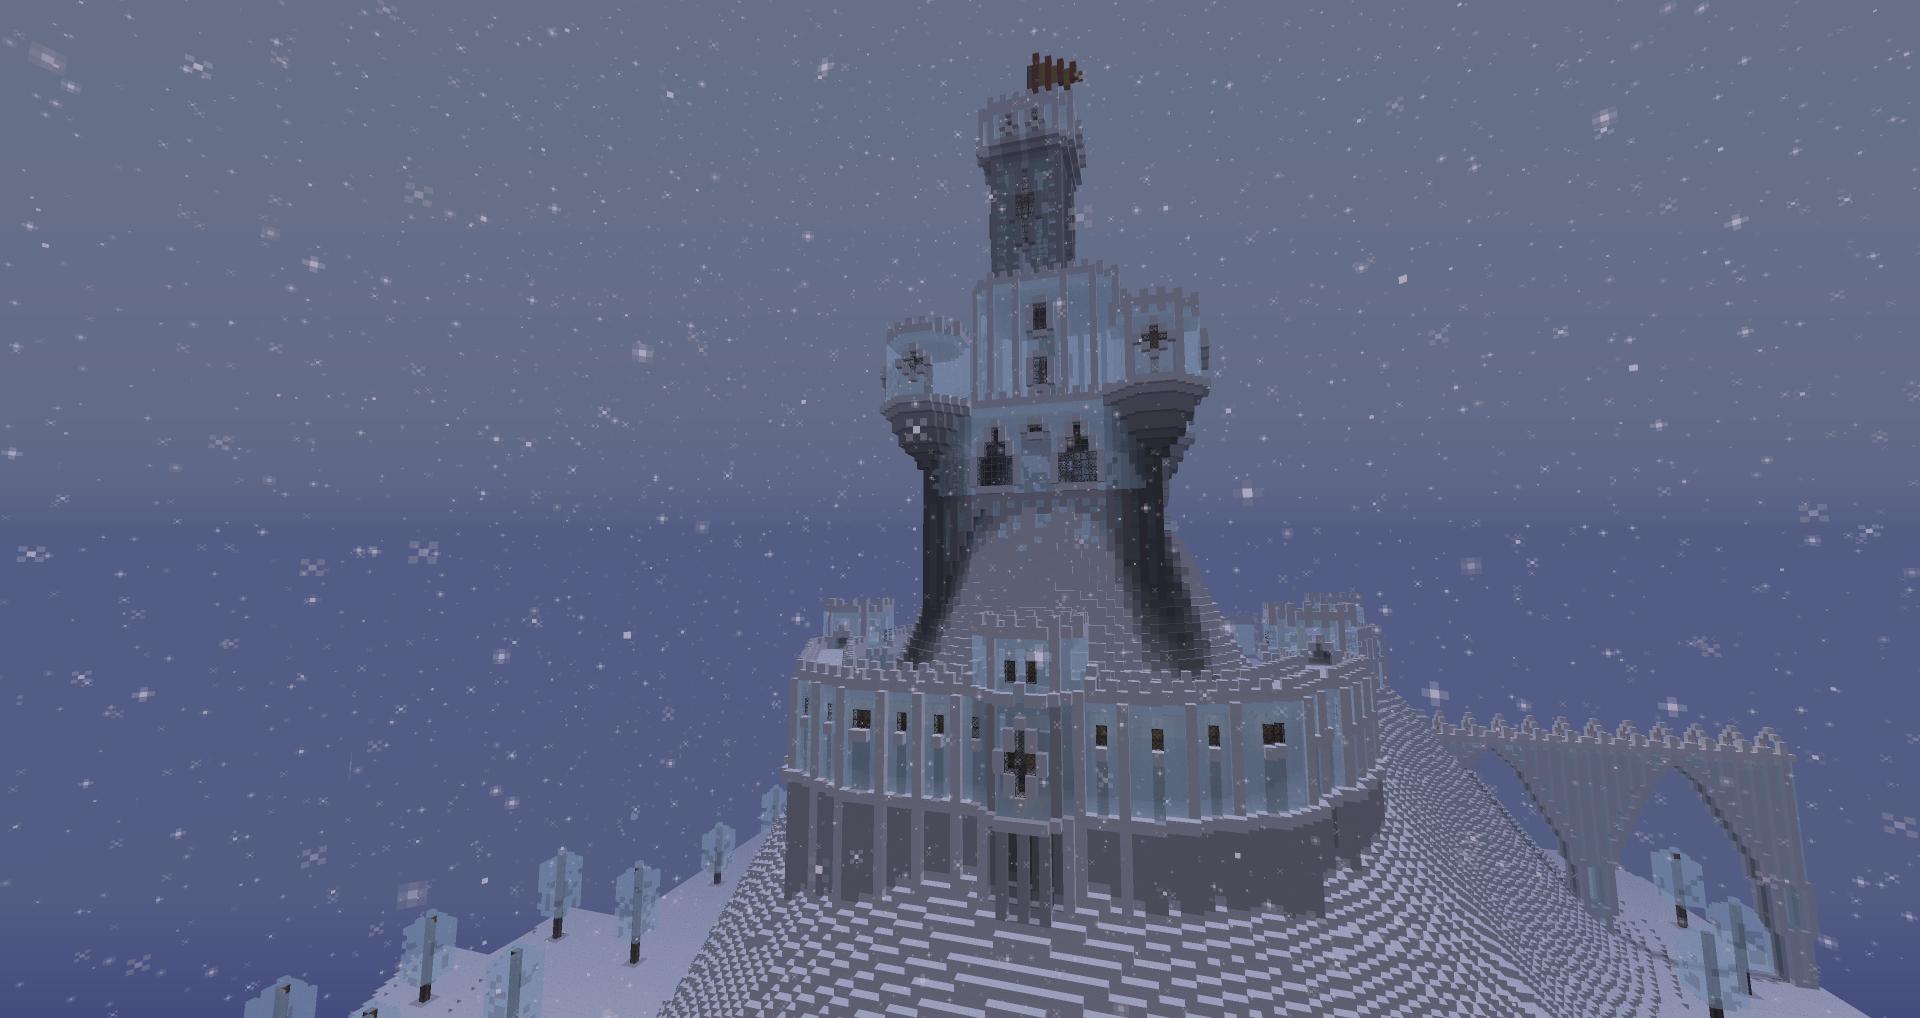 Chateau de glace for Chateau de glace reine des neiges